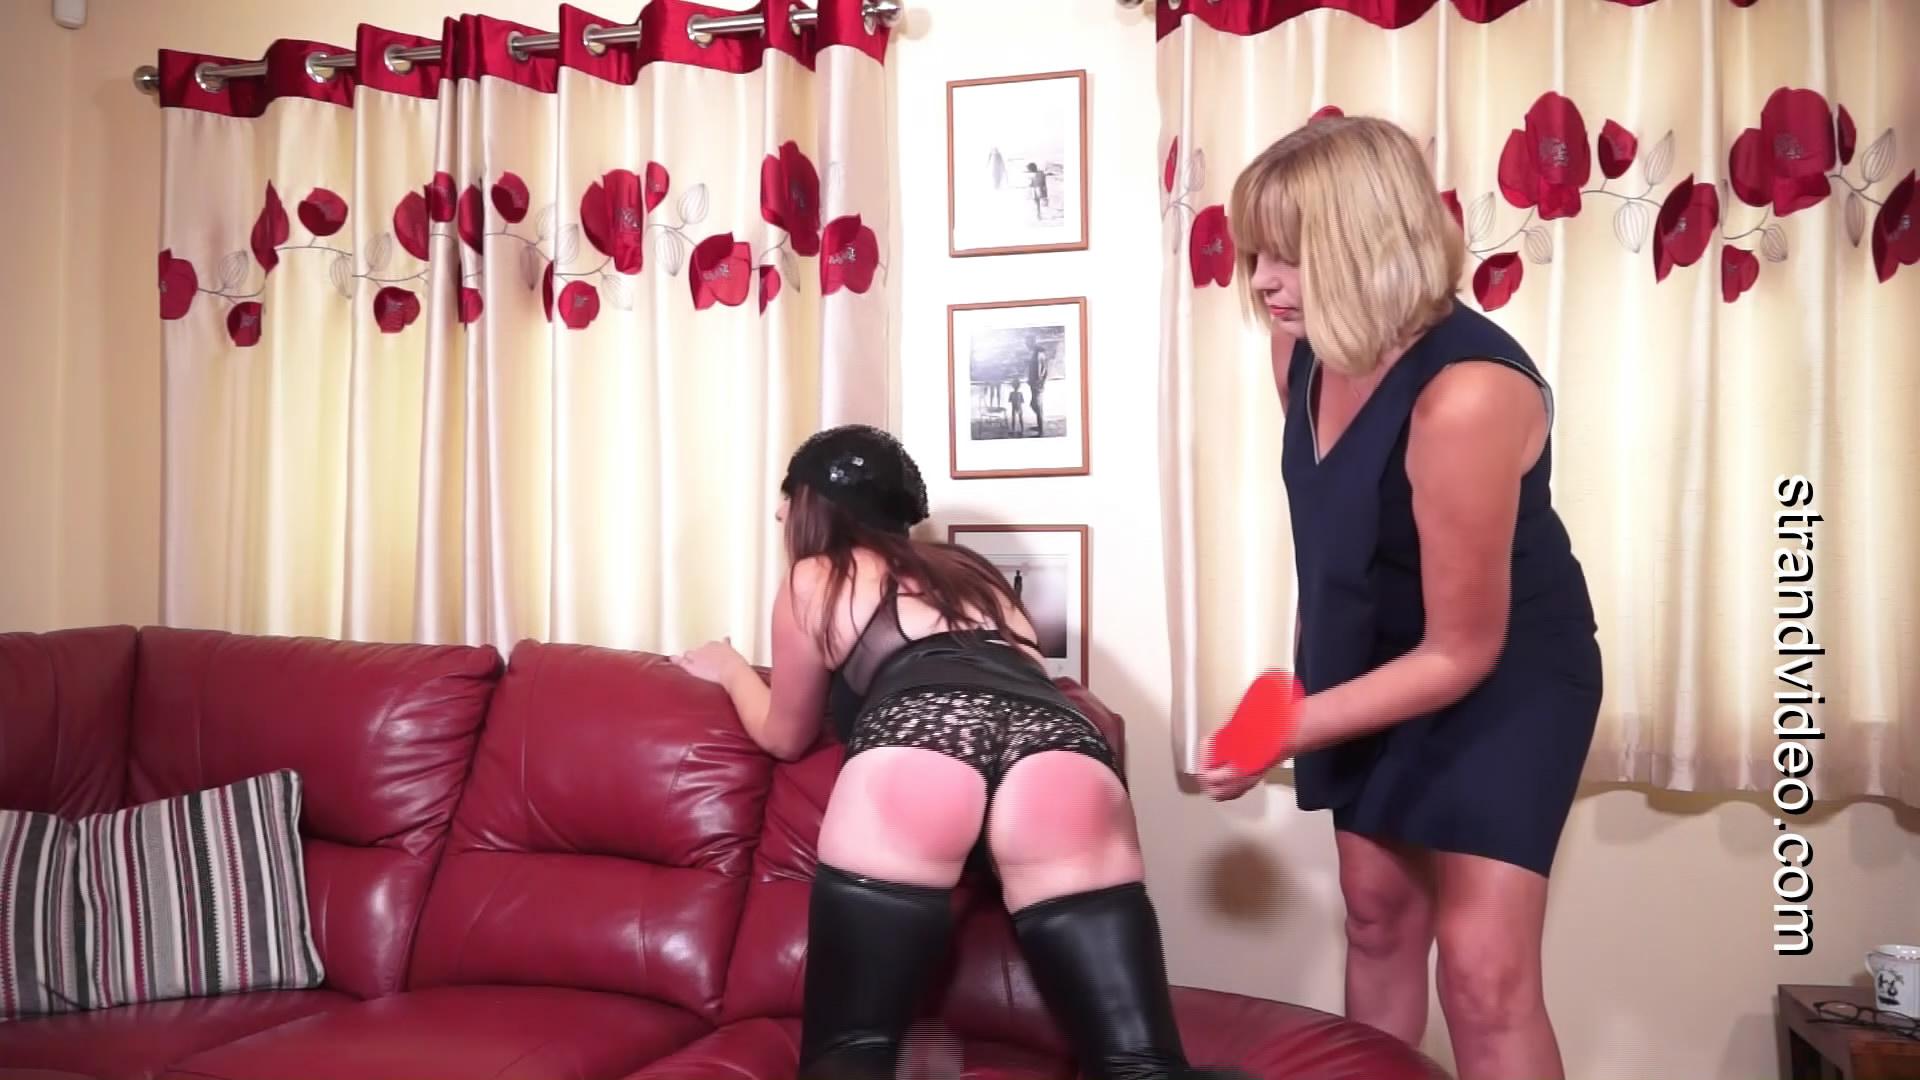 Spanking Sarah – MP4/Full HD – Luise Burton, Sarah Stern – First Paddling For Louise